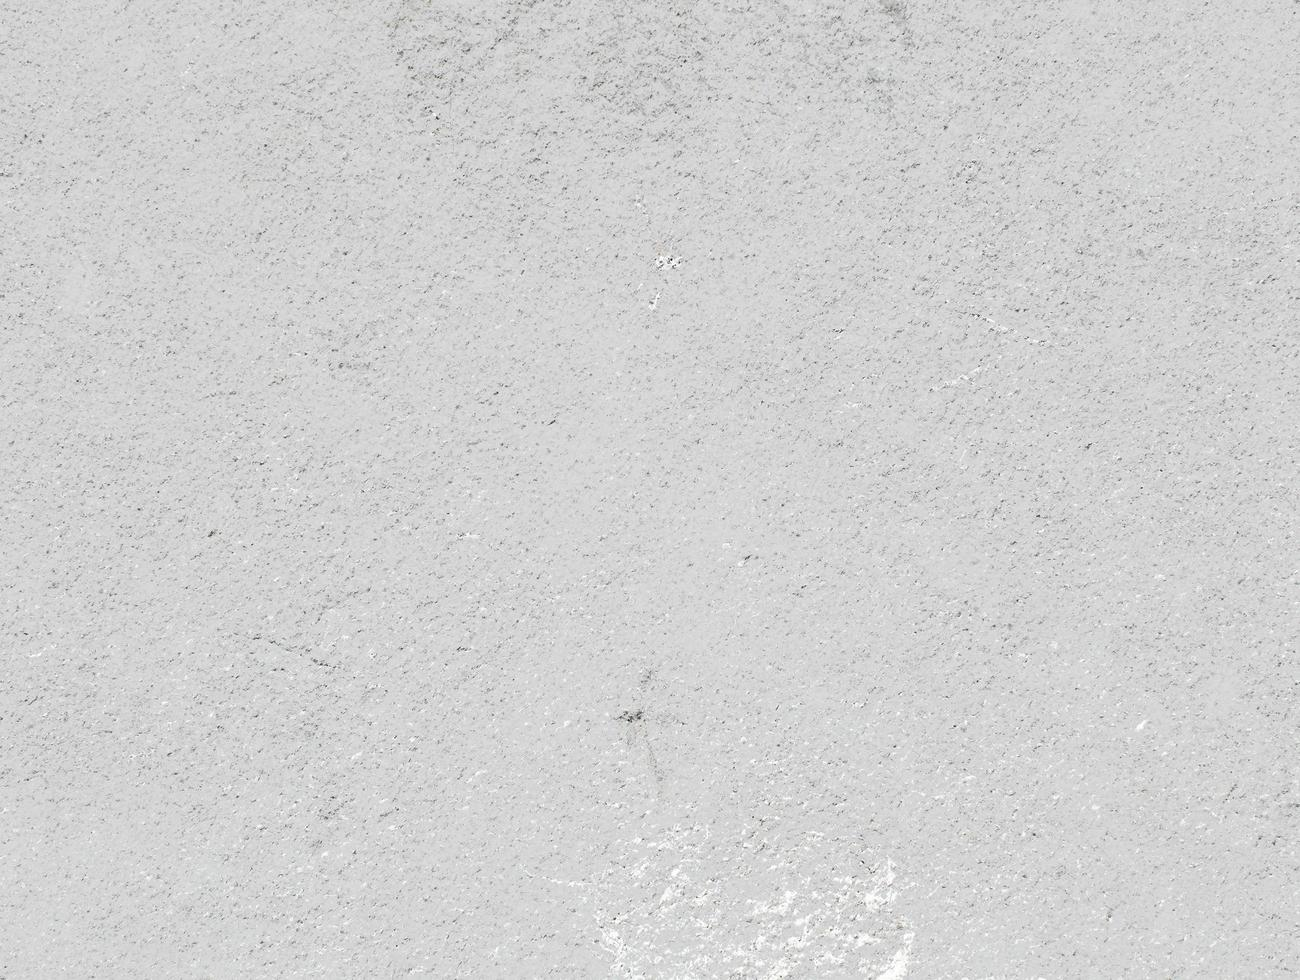 neutral betongvägg konsistens foto